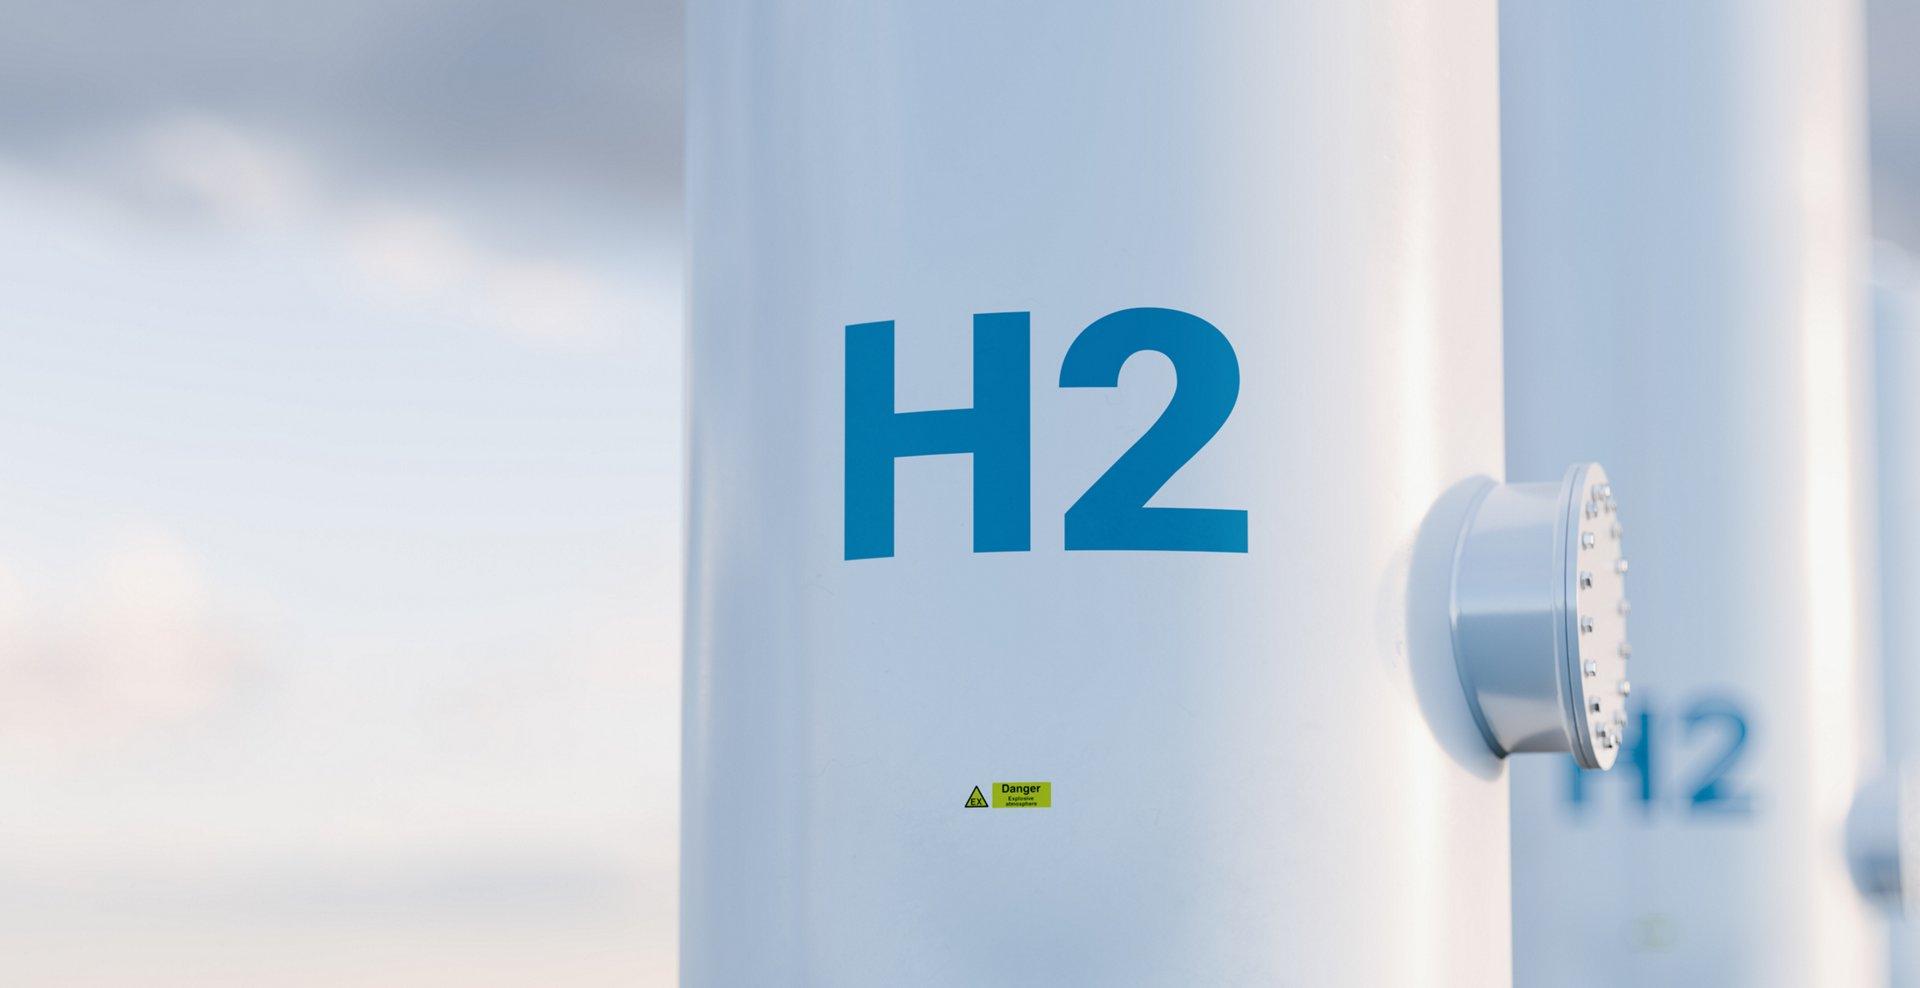 Avec ses électrolyseurs haute température, Genvia veut révolutionner l'hydrogène